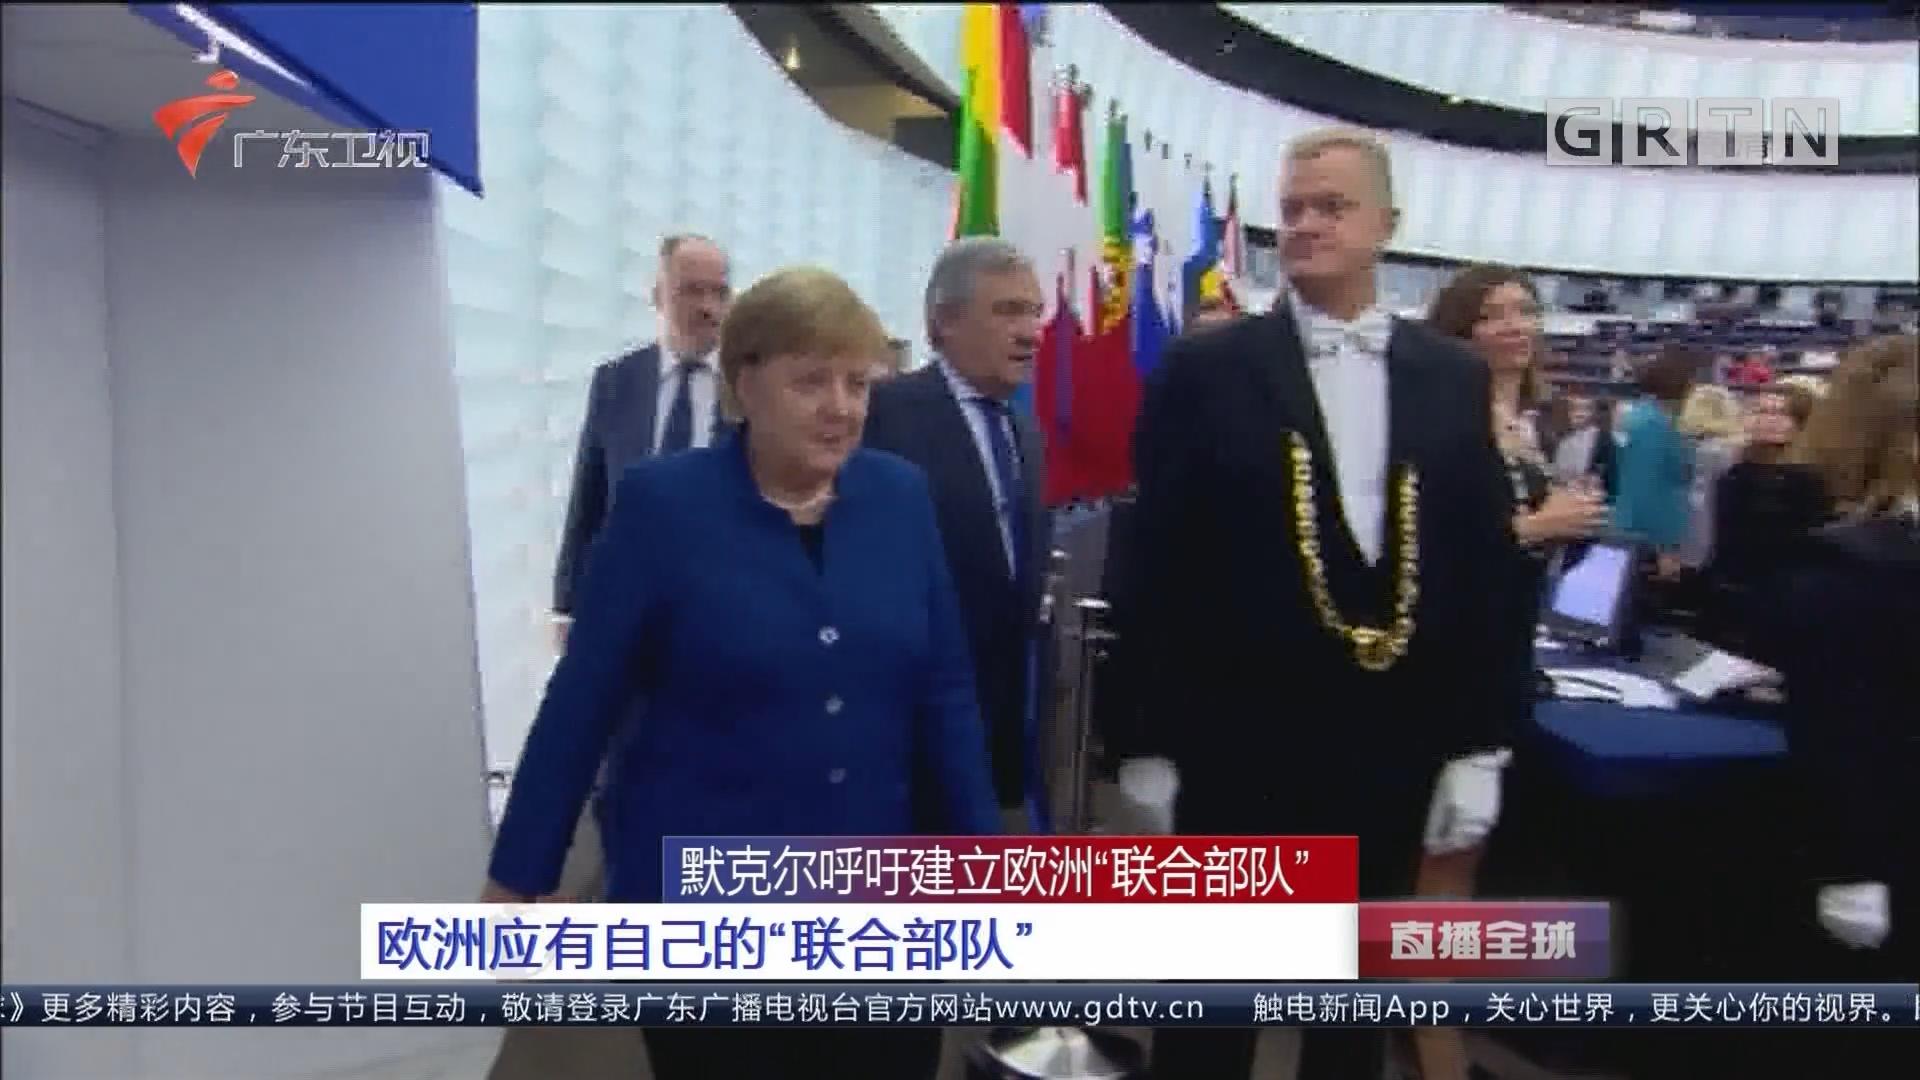 """默克尔呼吁建立欧洲""""联合部队"""" 欧洲应有自己的""""联合部队"""""""